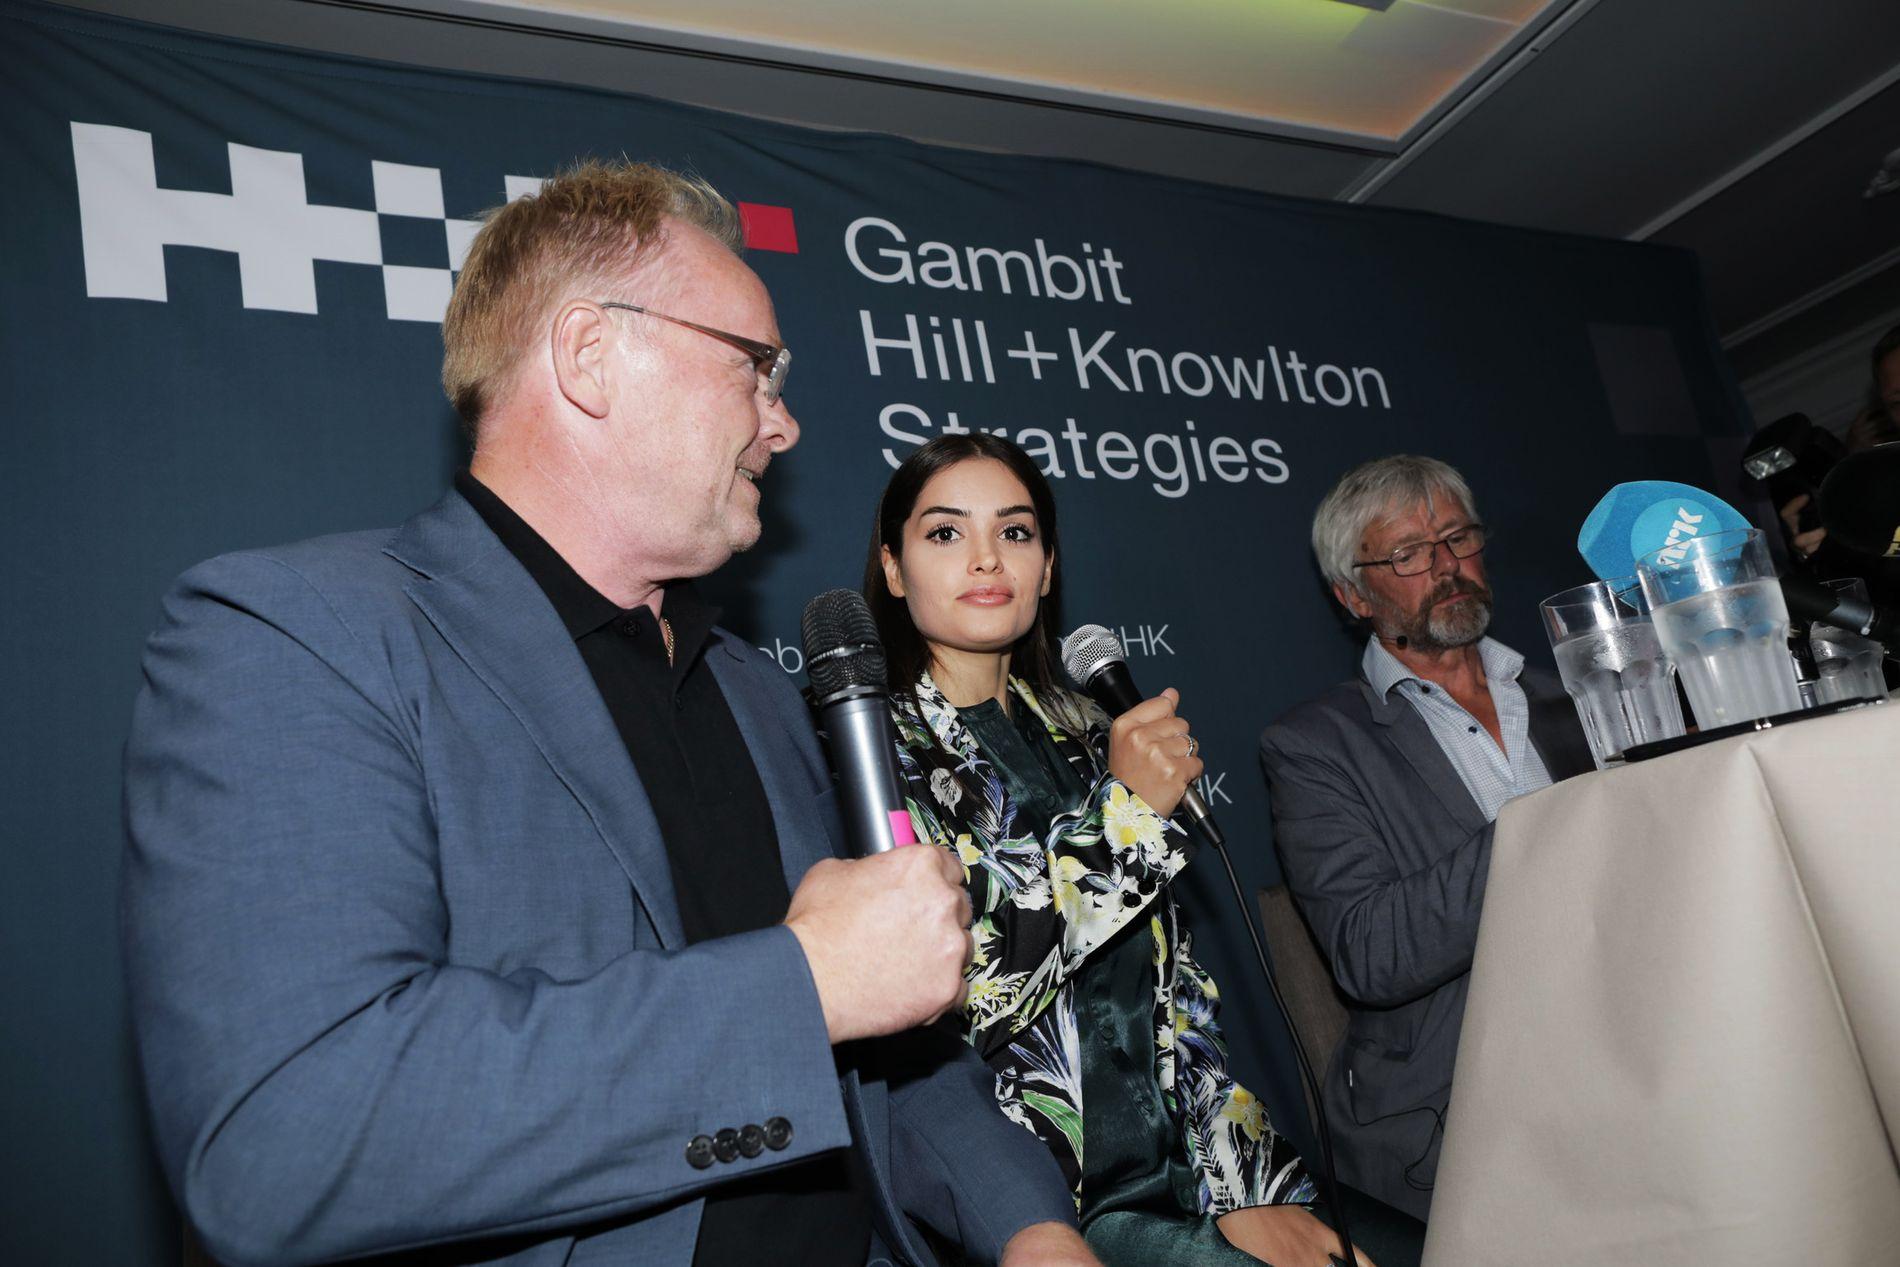 LANGET UT: Eks-minister Per Sandberg og kjæresten Bahareh Letnes i Arendal tirsdag kveld.